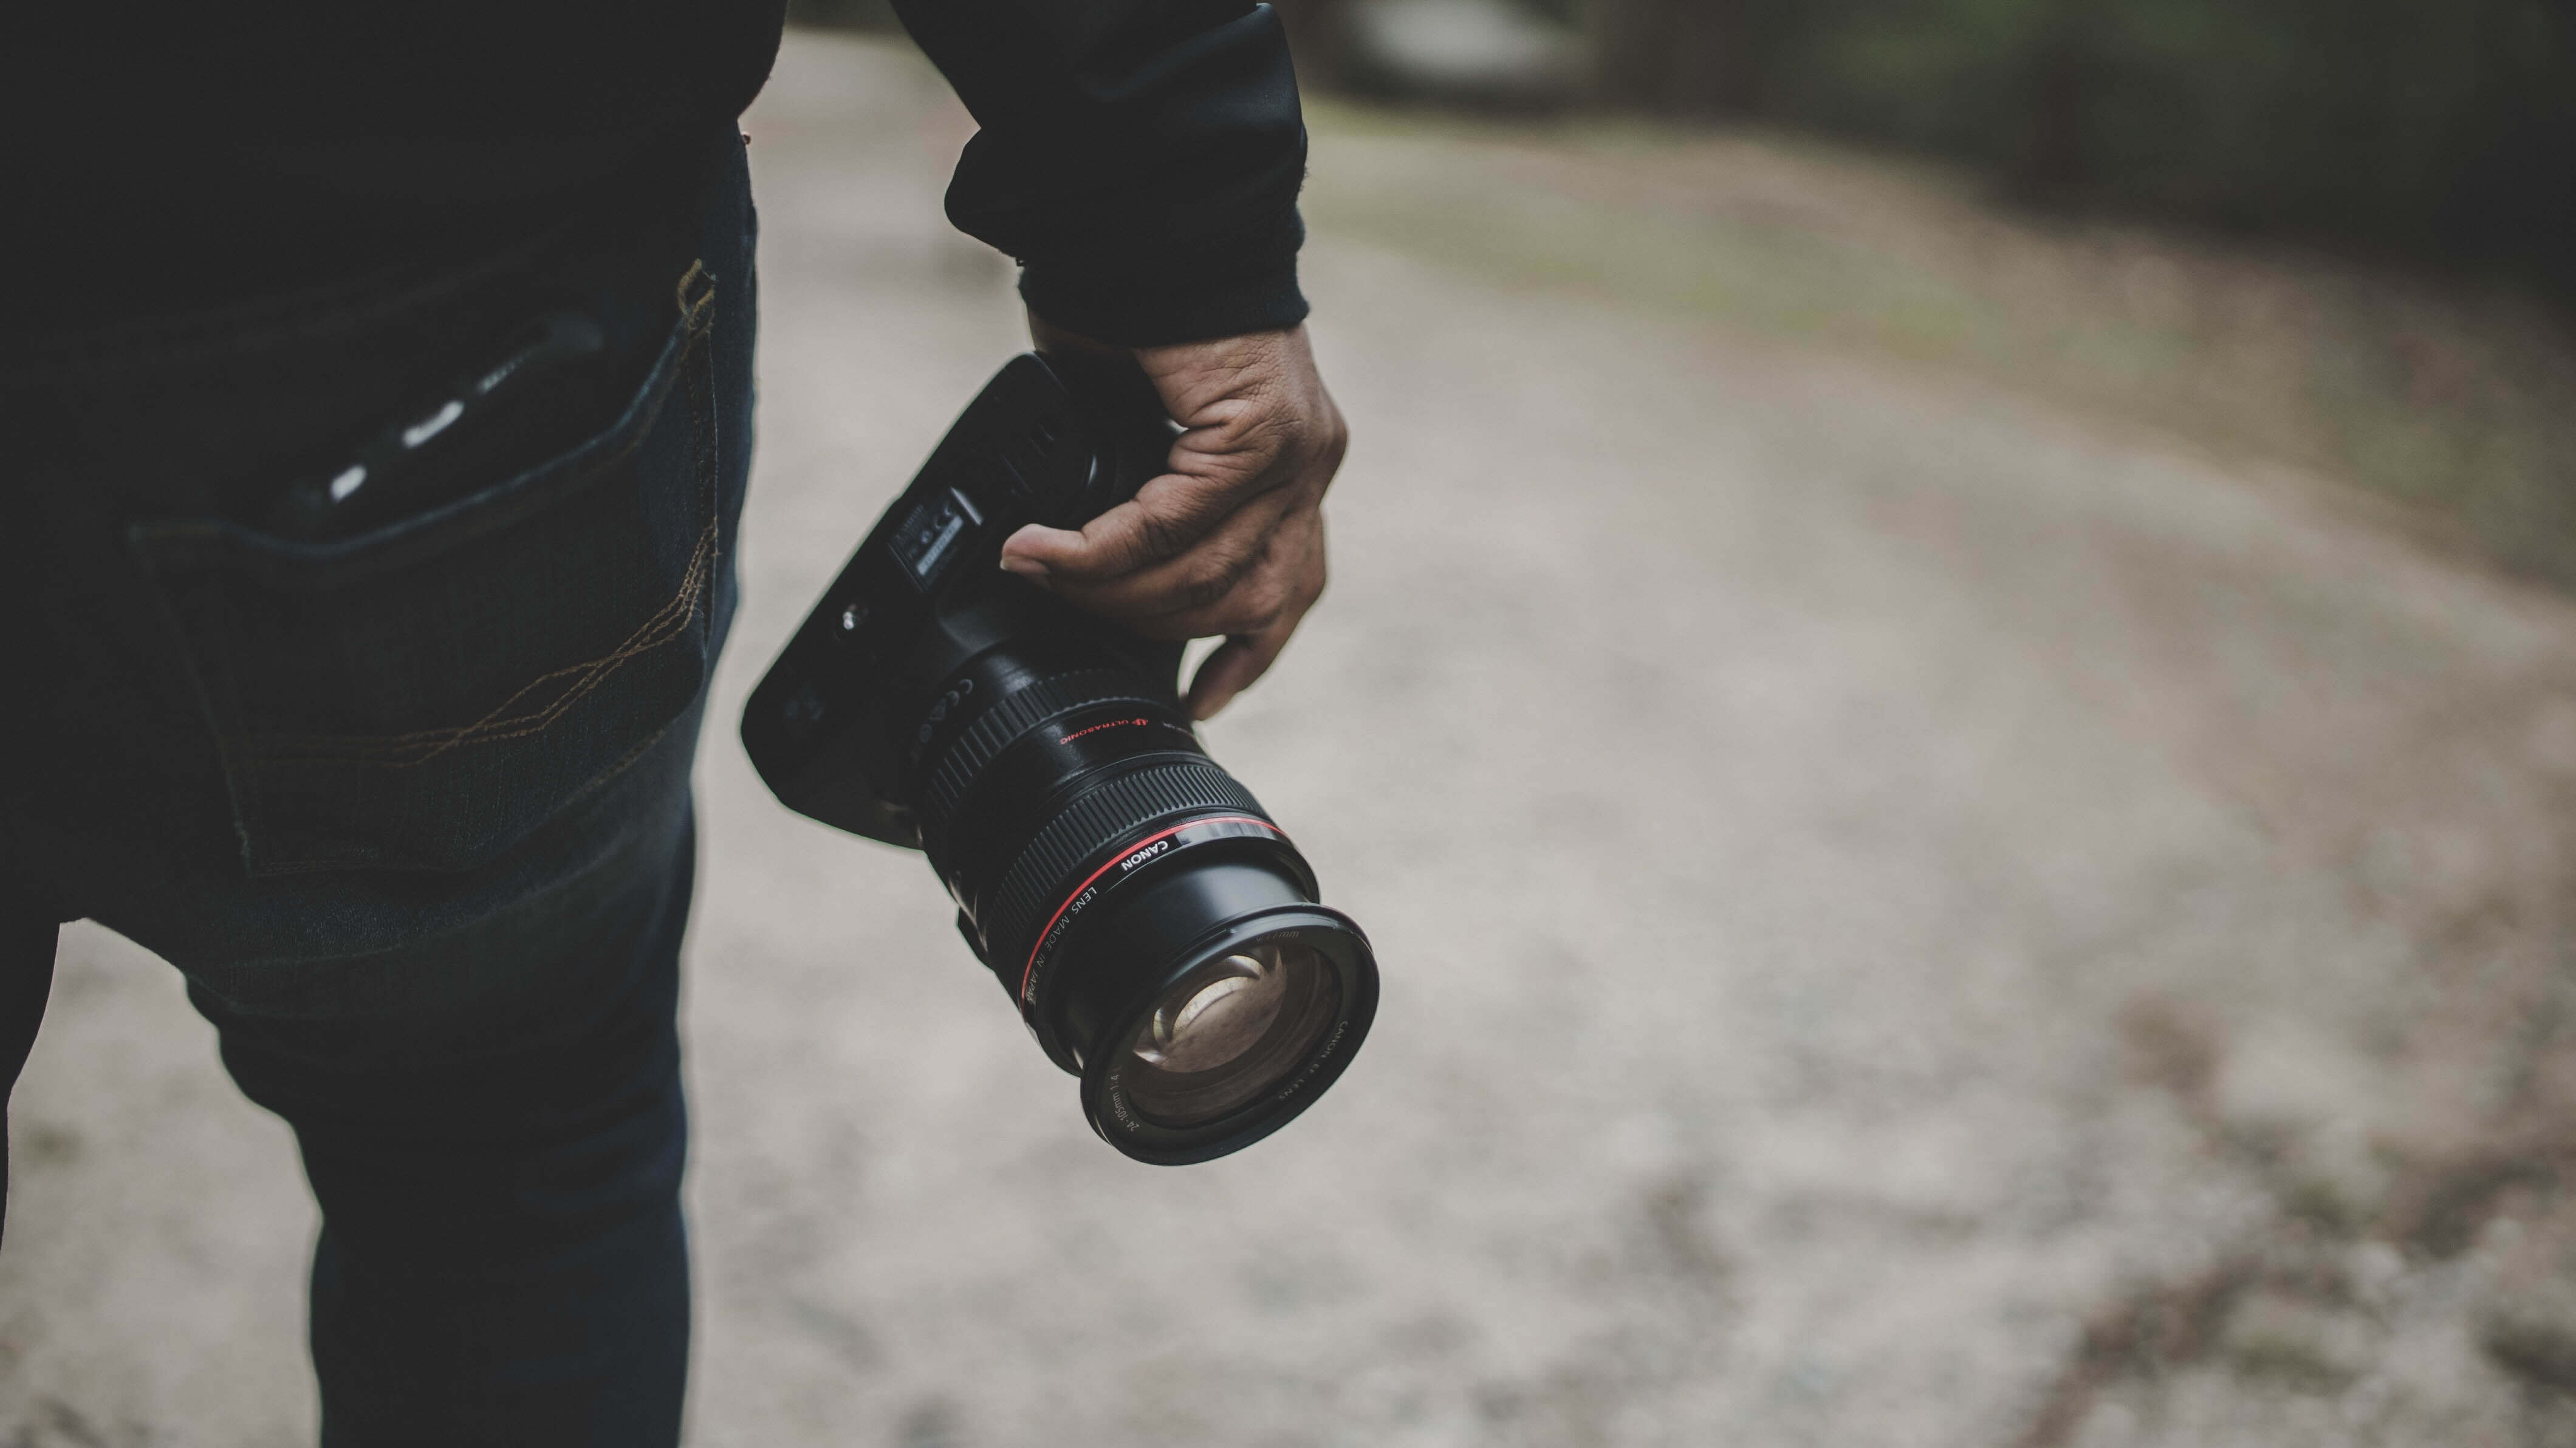 一眼レフカメラでの正しい動画の撮り方は?動画だけの設定項目も紹介!